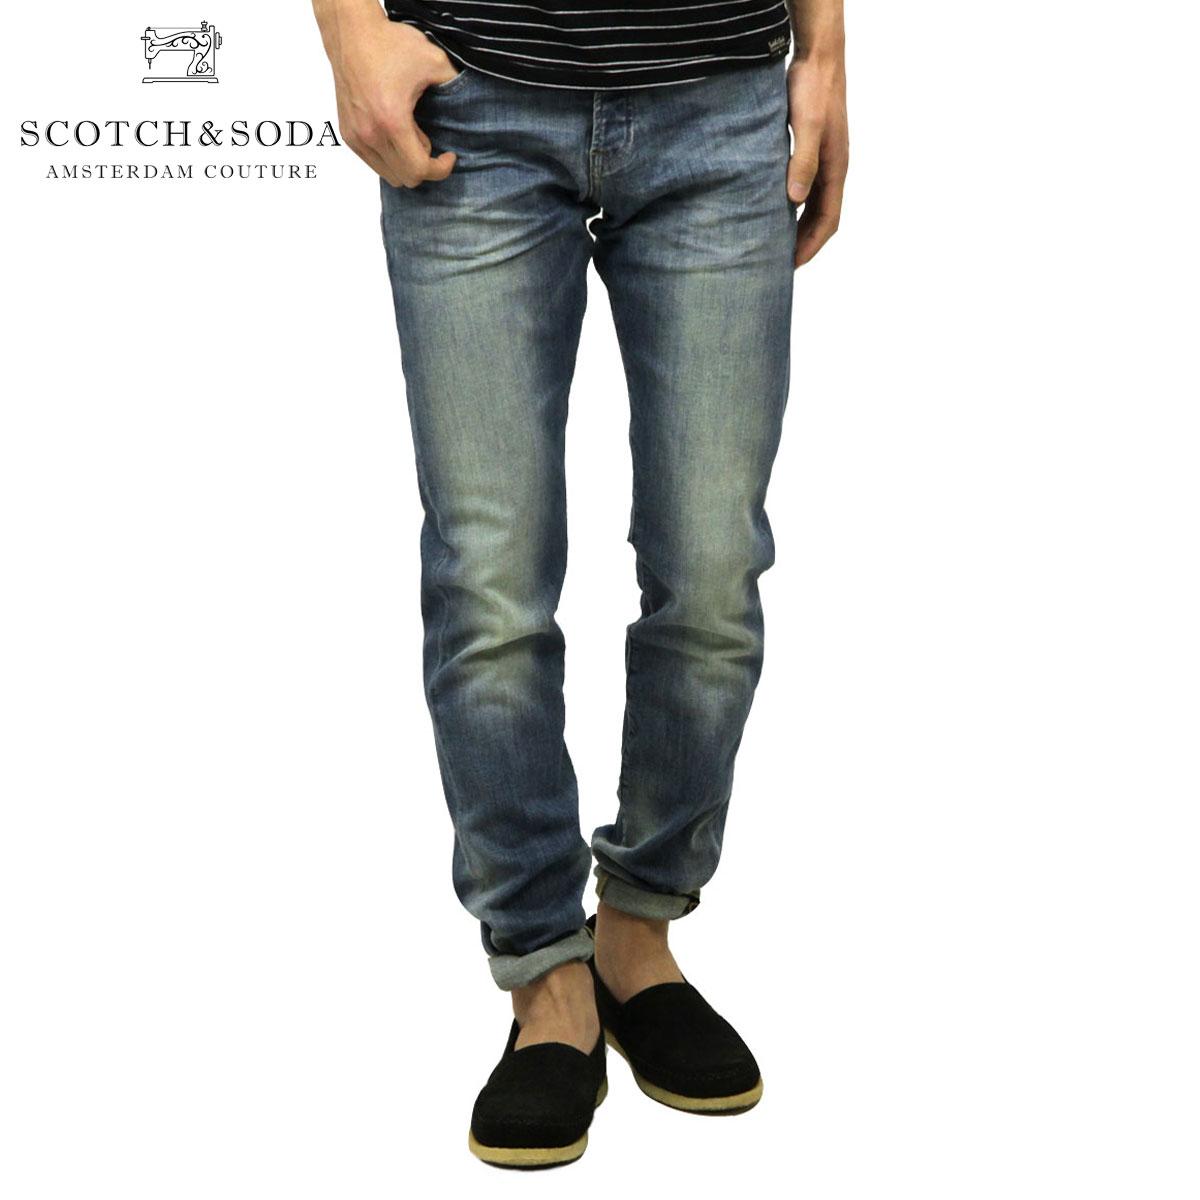 スコッチアンドソーダ SCOTCH&SODA 正規販売店 メンズ ジーンズ RALSTON - GREEN TO GREEN 133042 1839 52500 GREEN T